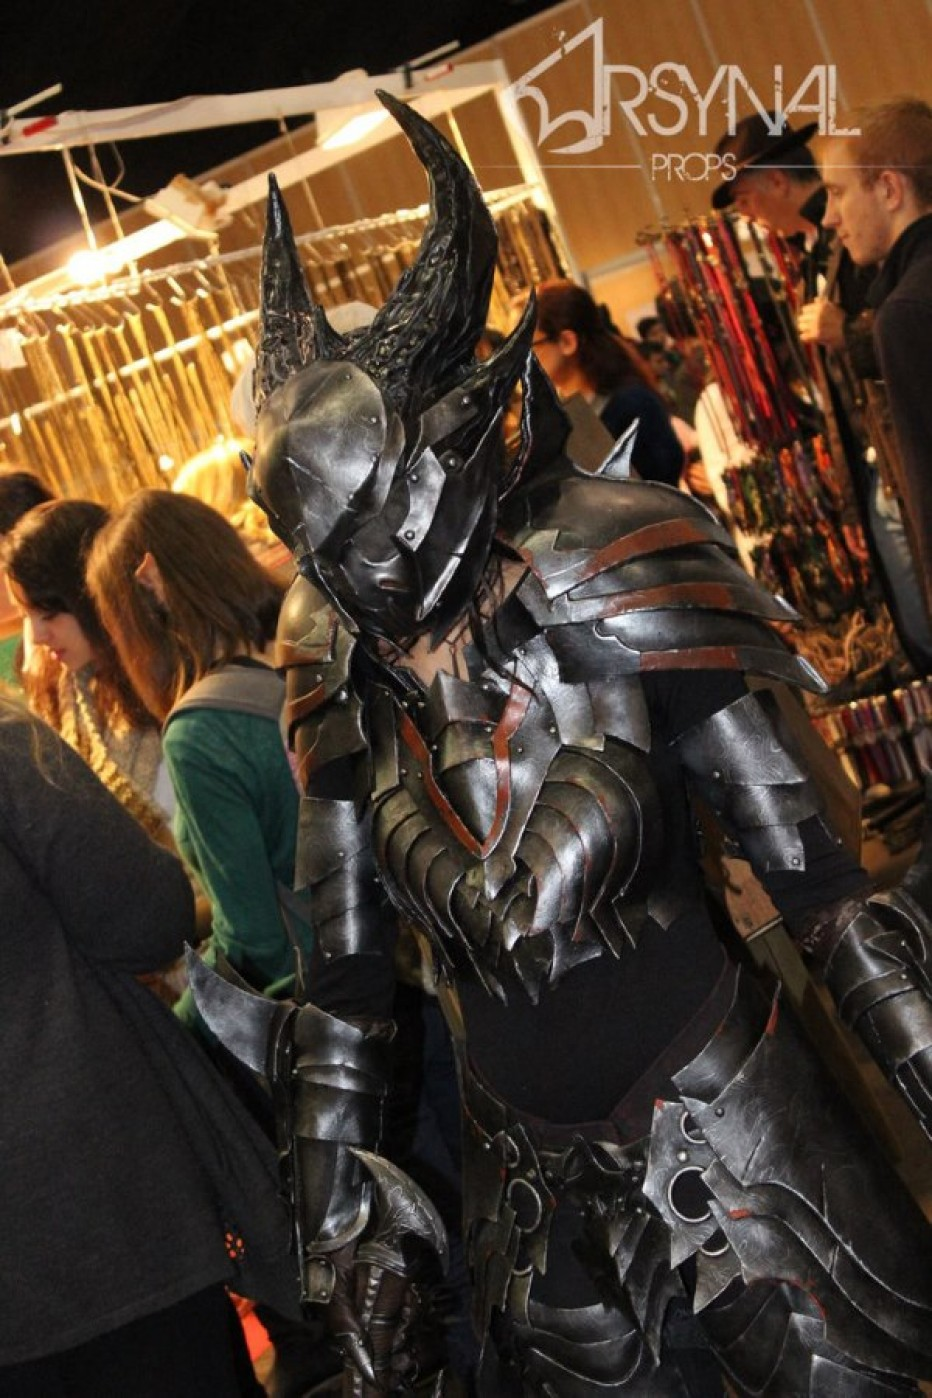 The-Elder-Scrolls-Online-Daedric-Armor-Cosplay-Gamers-Heroes-3.jpg